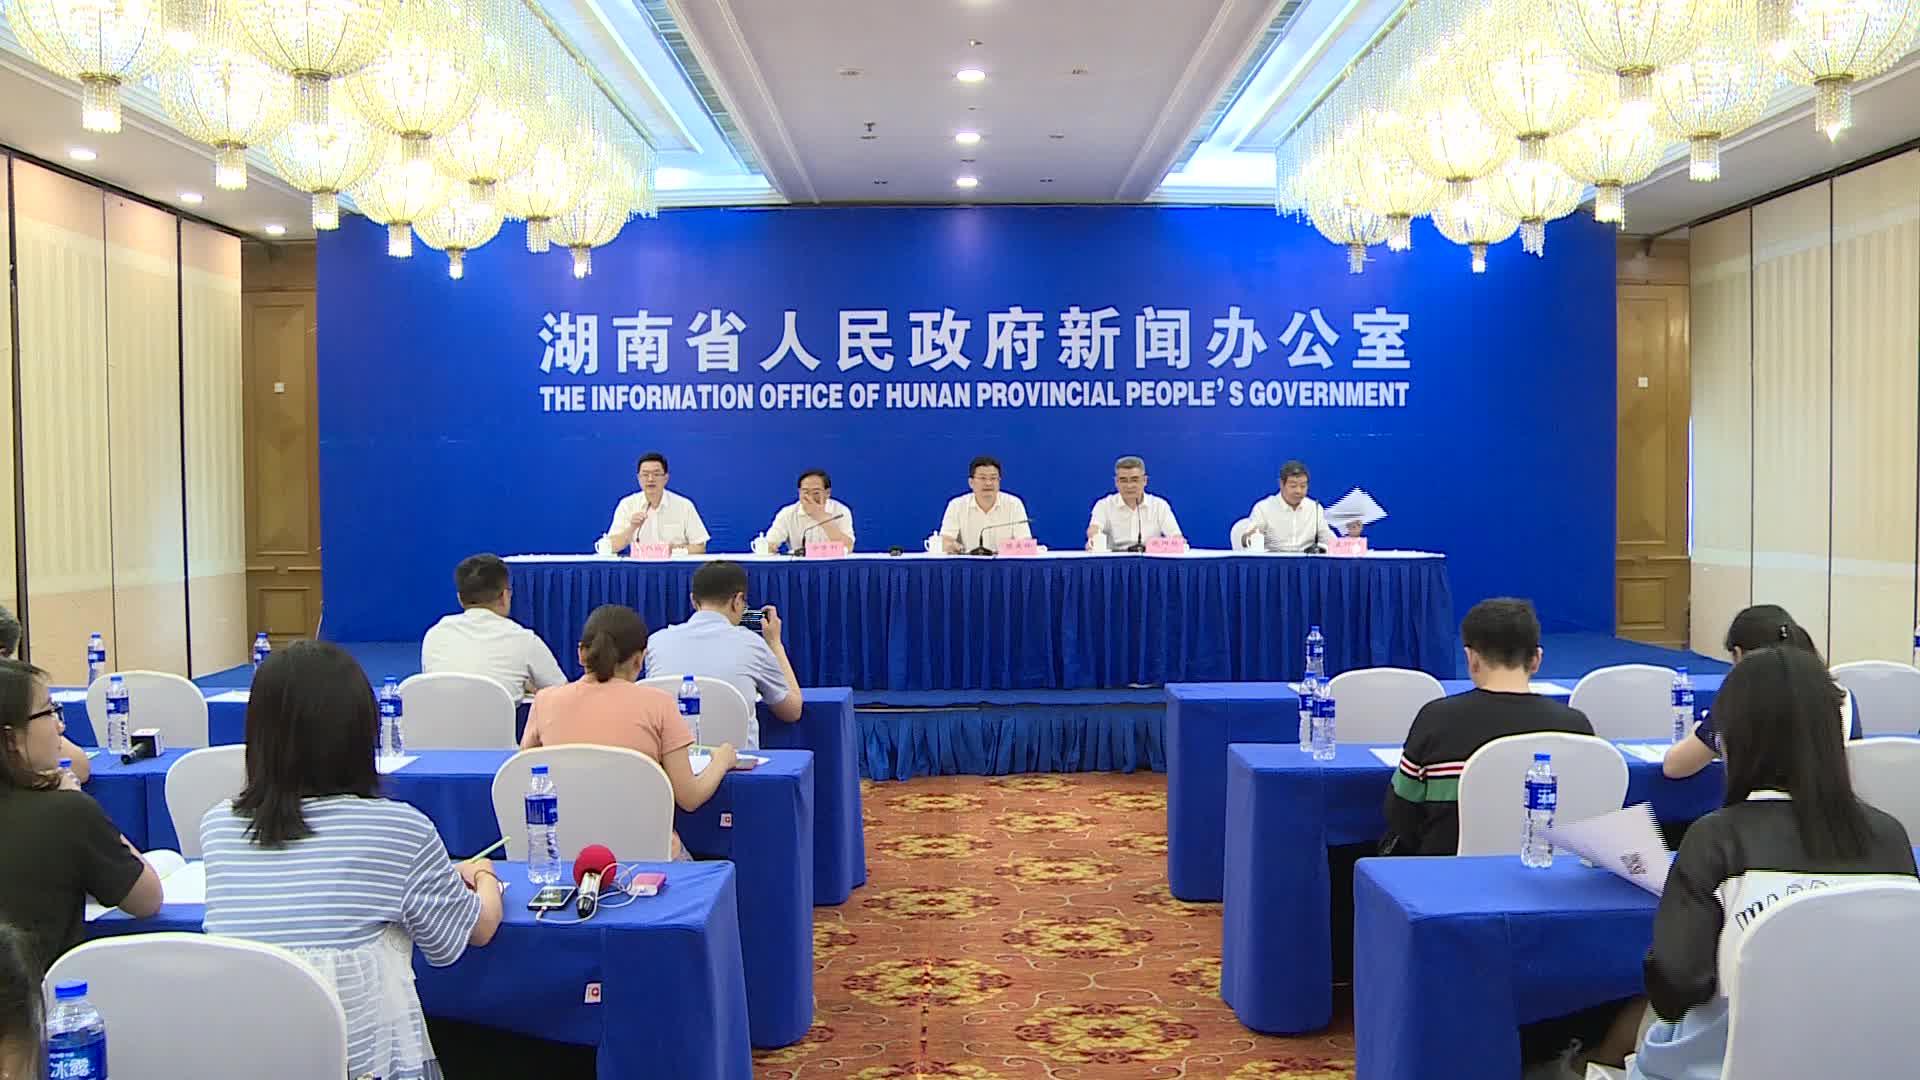 湖南省各市州重点工作绩效评估改革发布 将以日常评估为主